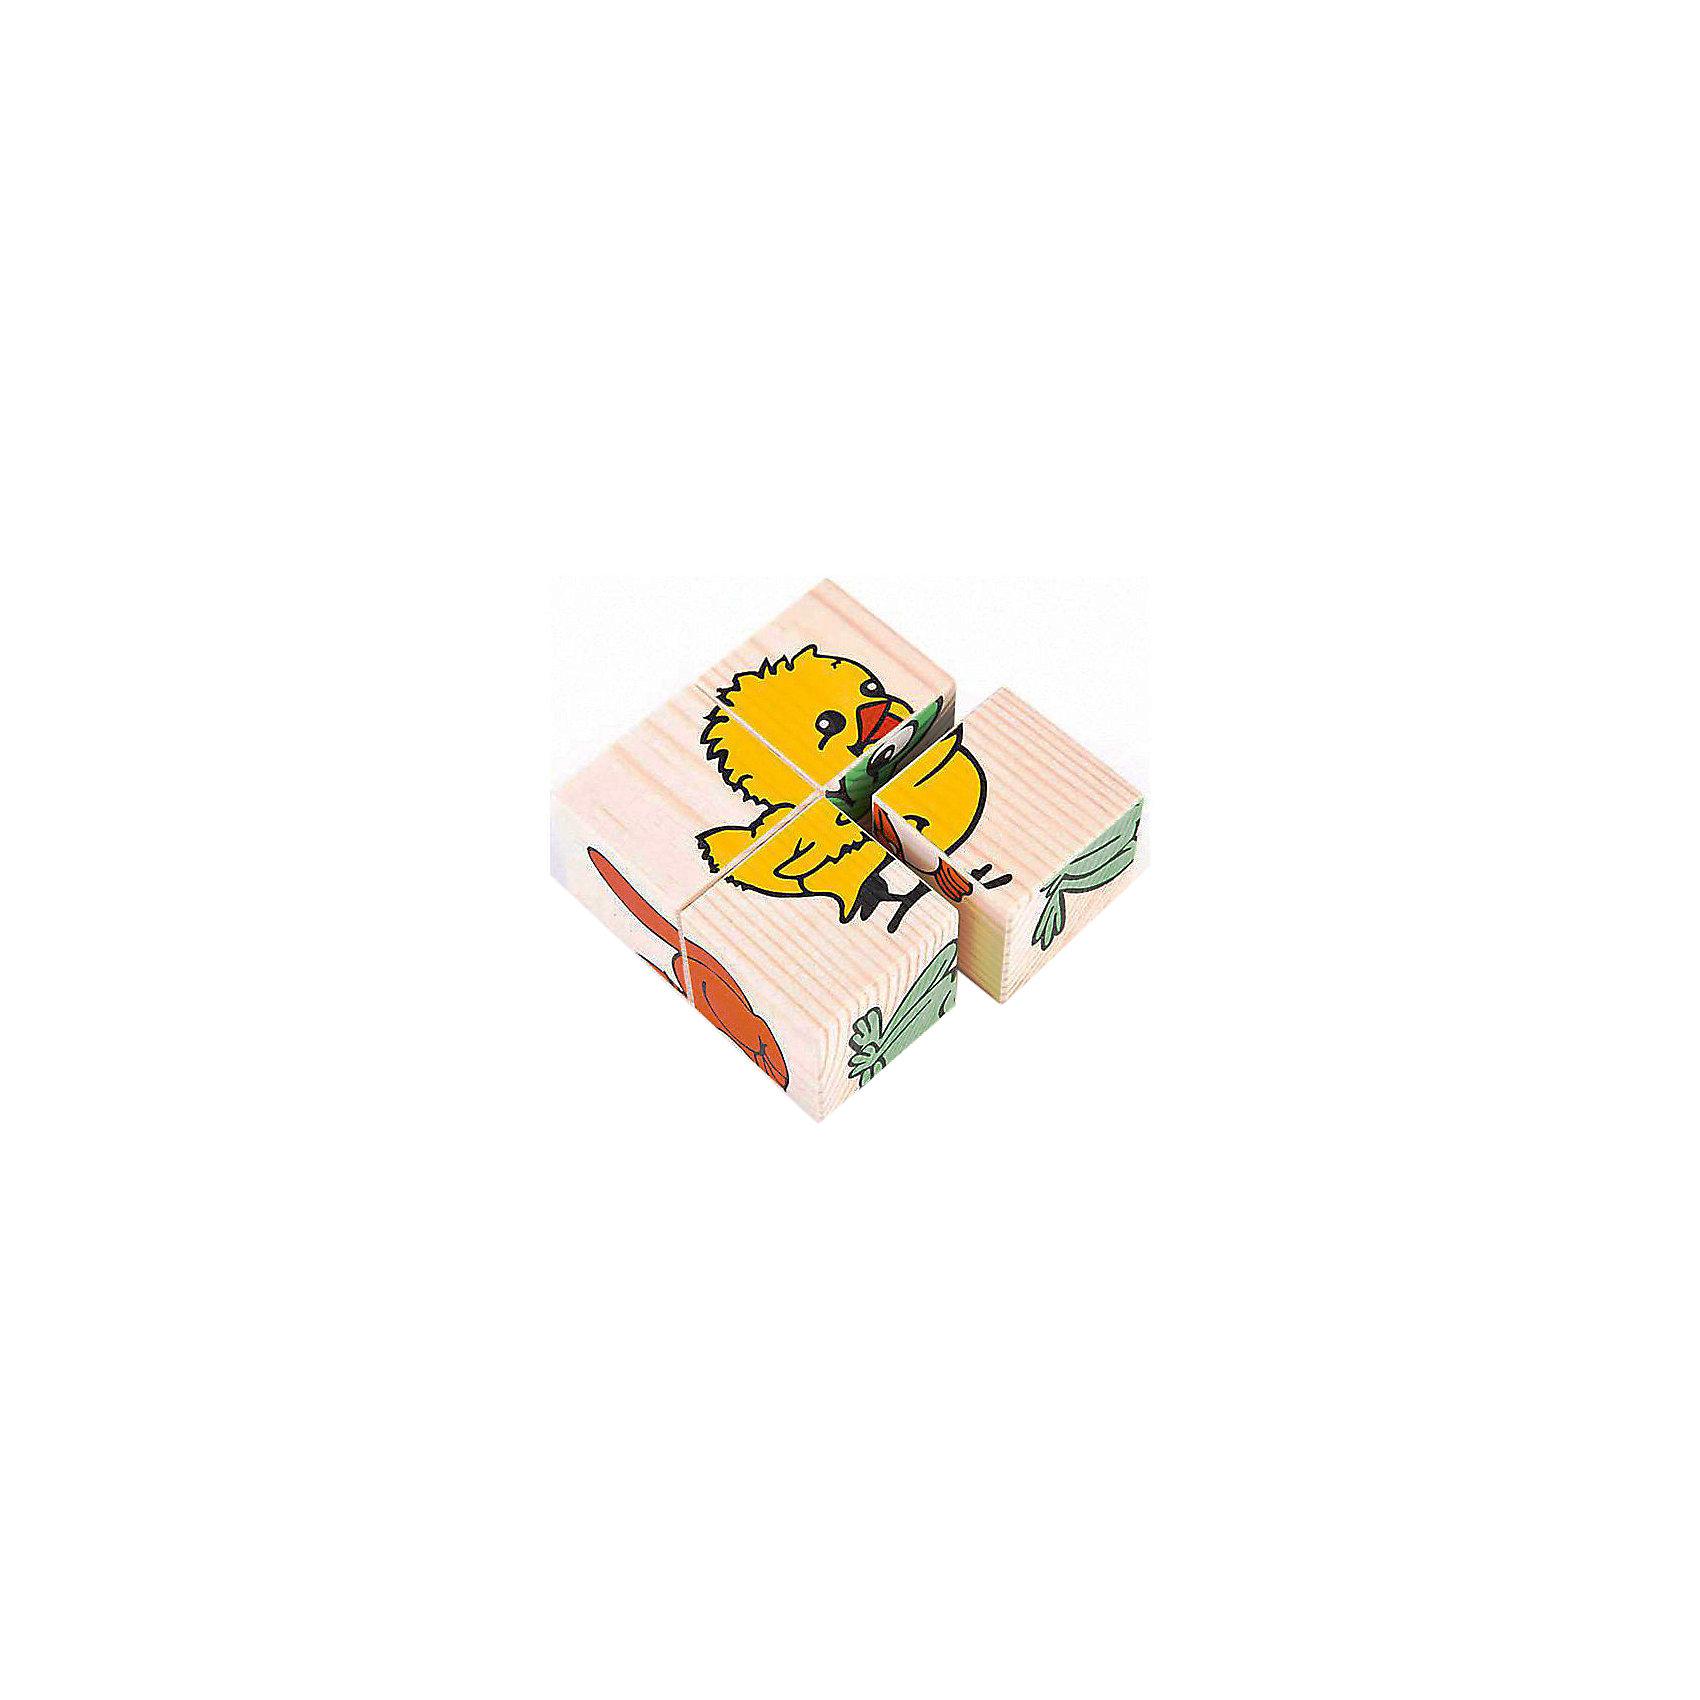 Томик Кубики Животные, 4 штуки, Томик игрушка для животных каскад барабан с колокольчиком 4 х 4 х 4 см